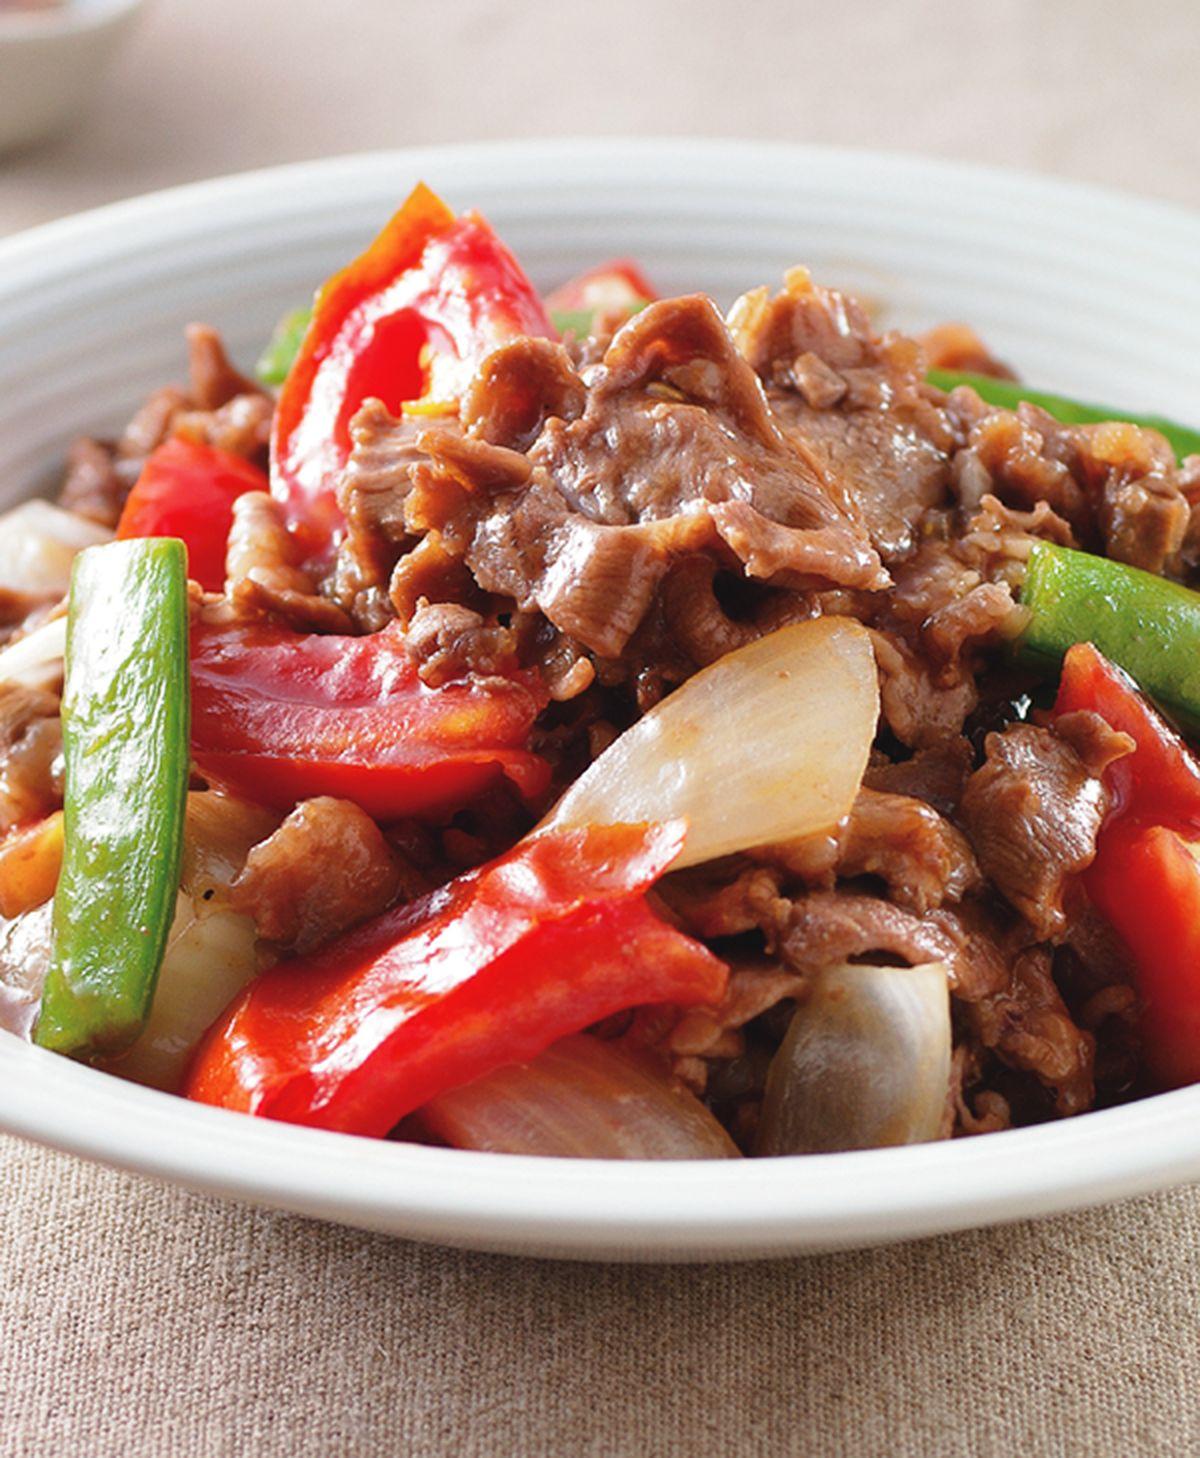 食譜:蕃茄炒羊肉